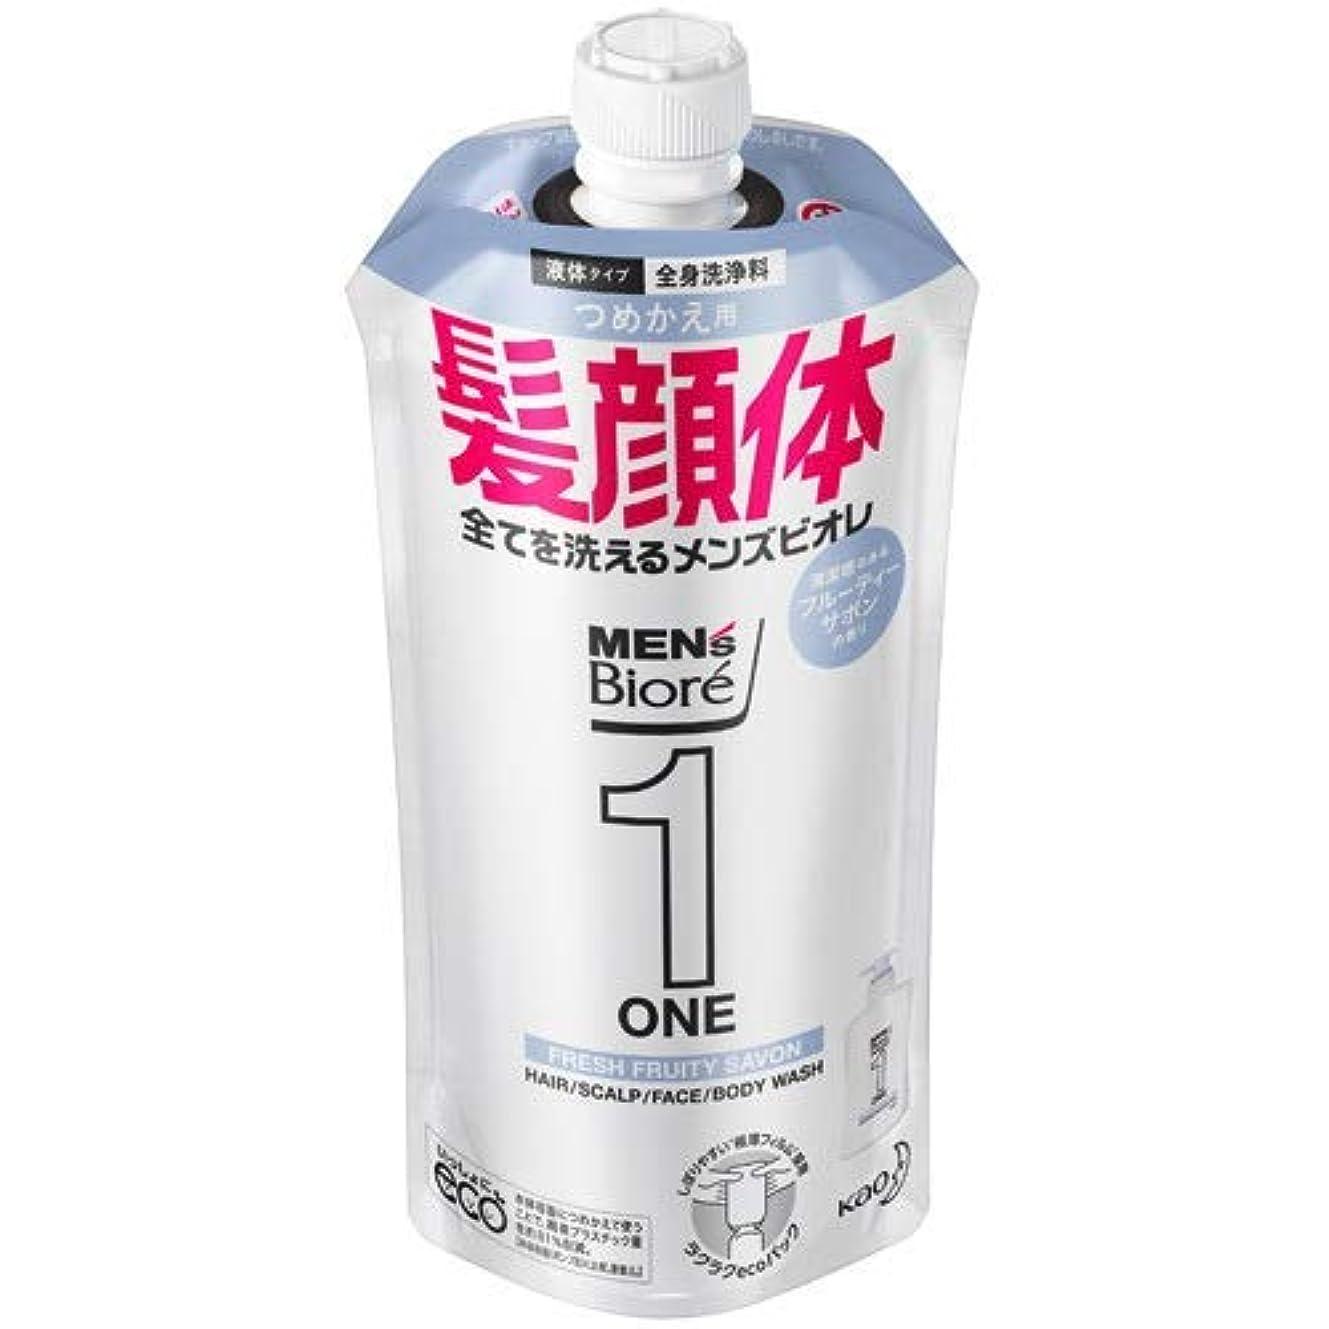 【10個セット】メンズビオレONE オールインワン全身洗浄料 清潔感のあるフルーティーサボンの香り つめかえ用 340mL